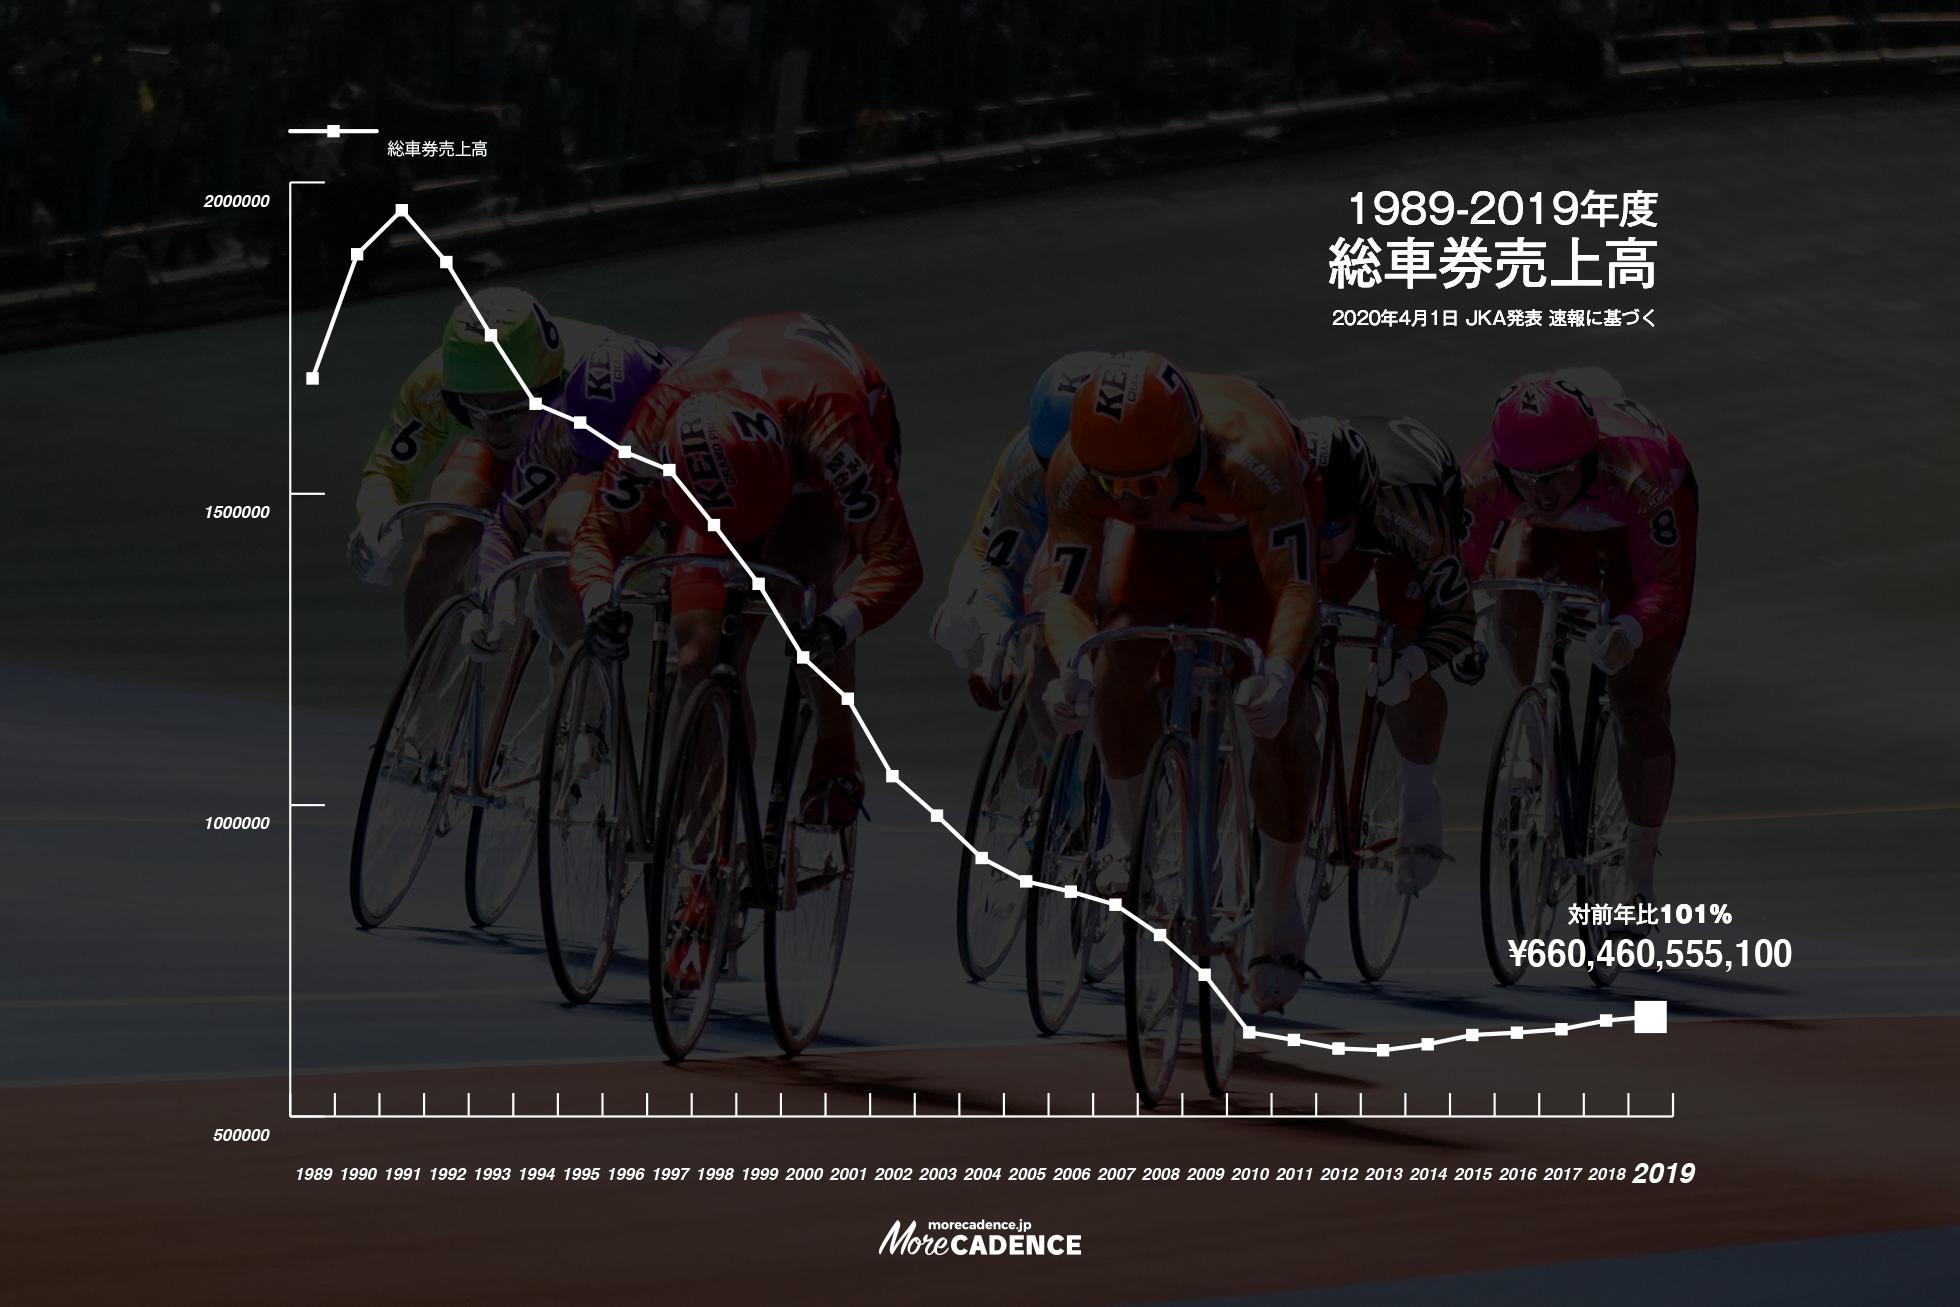 1989~2019年度 総車券売上高